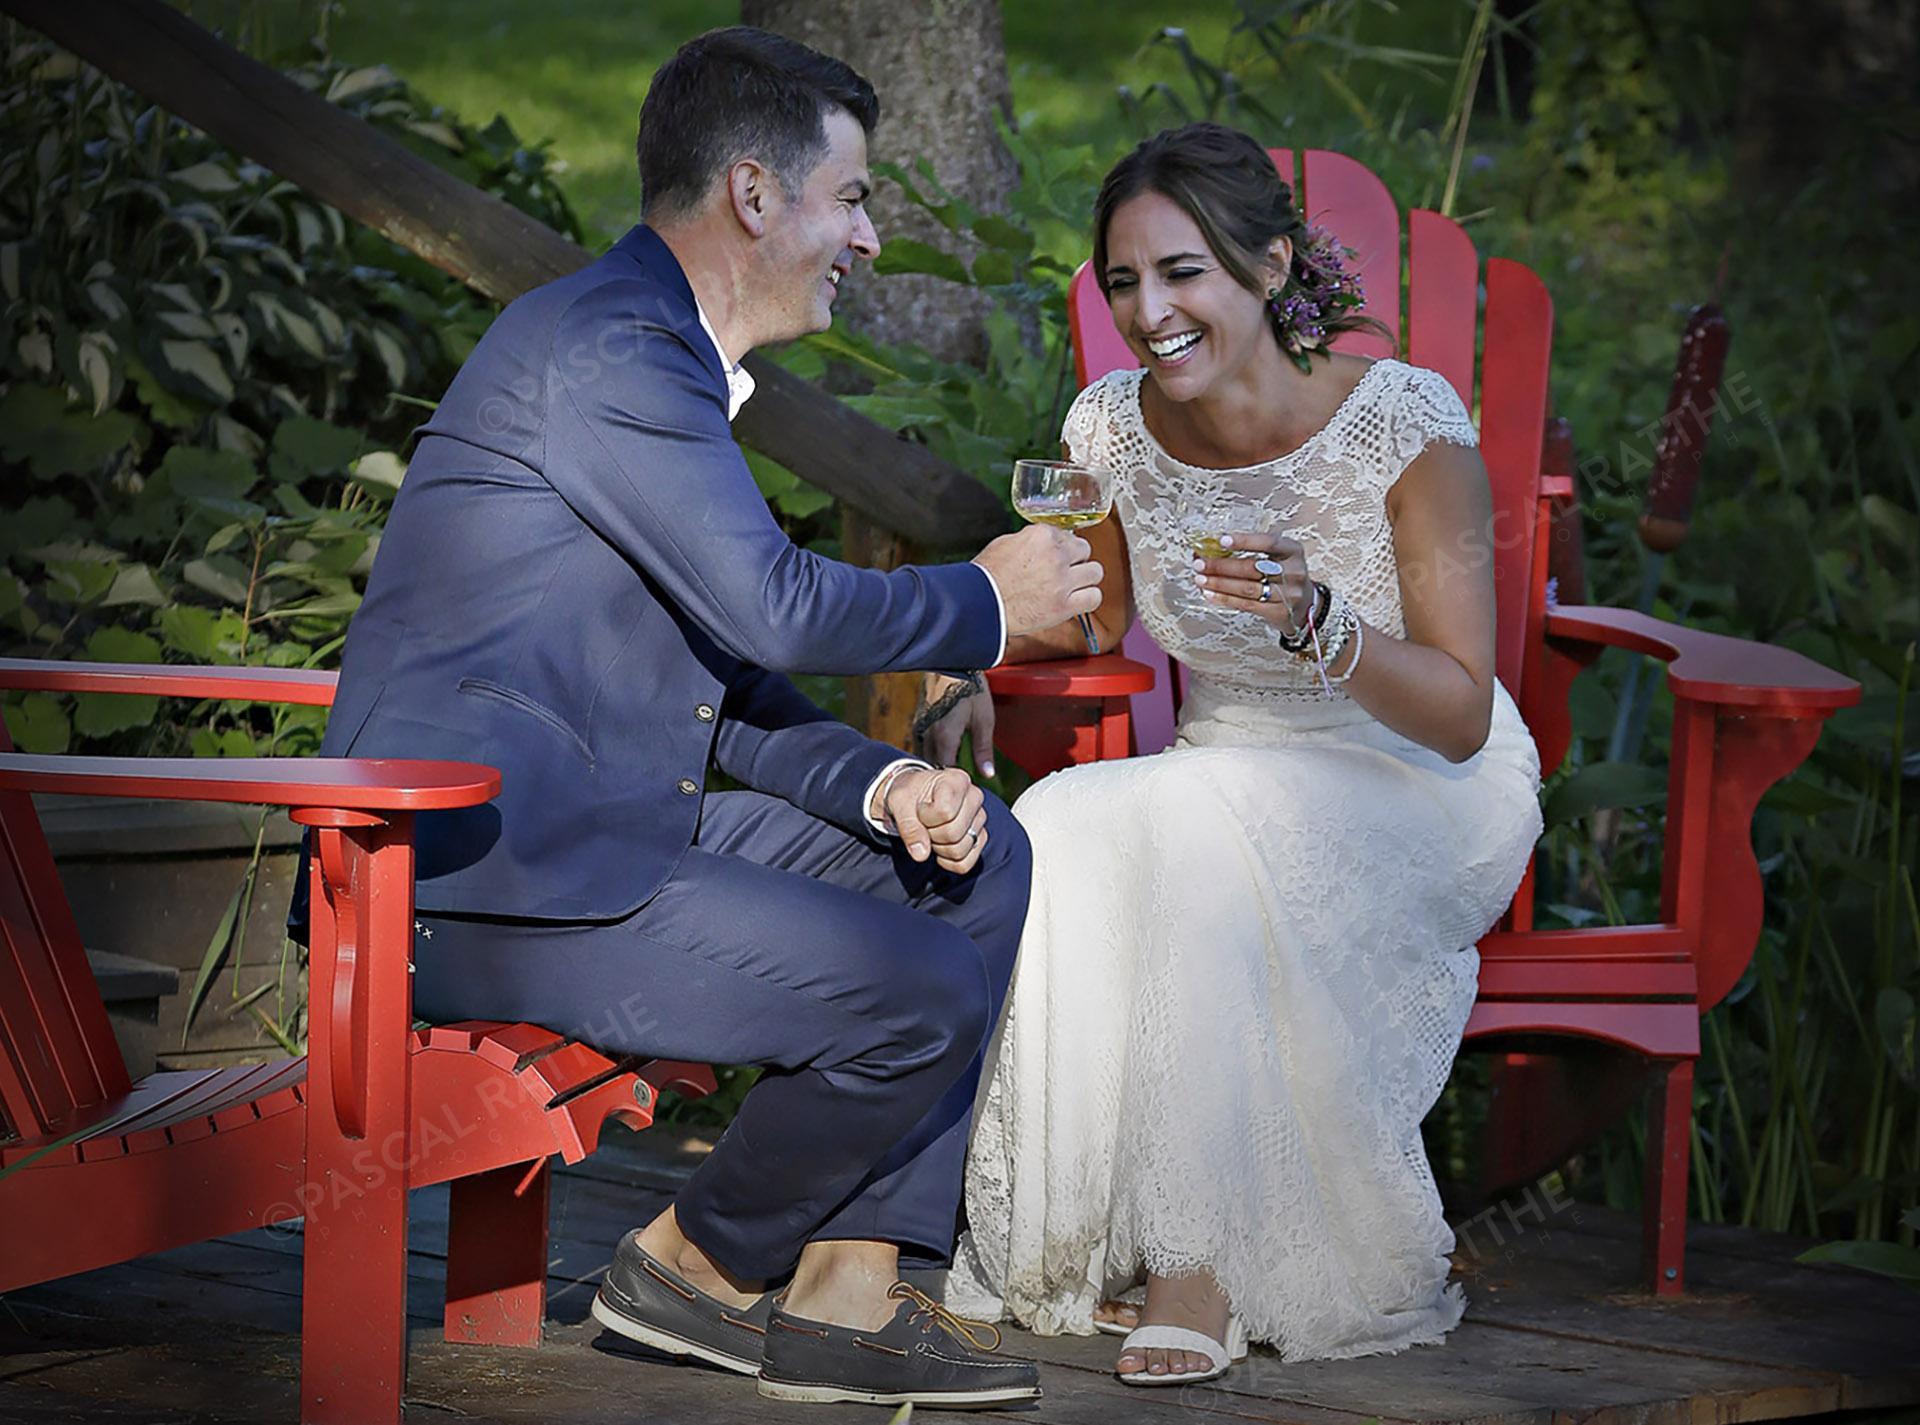 photographie après la cérémonie de mariage, les mariés en éclat de rire